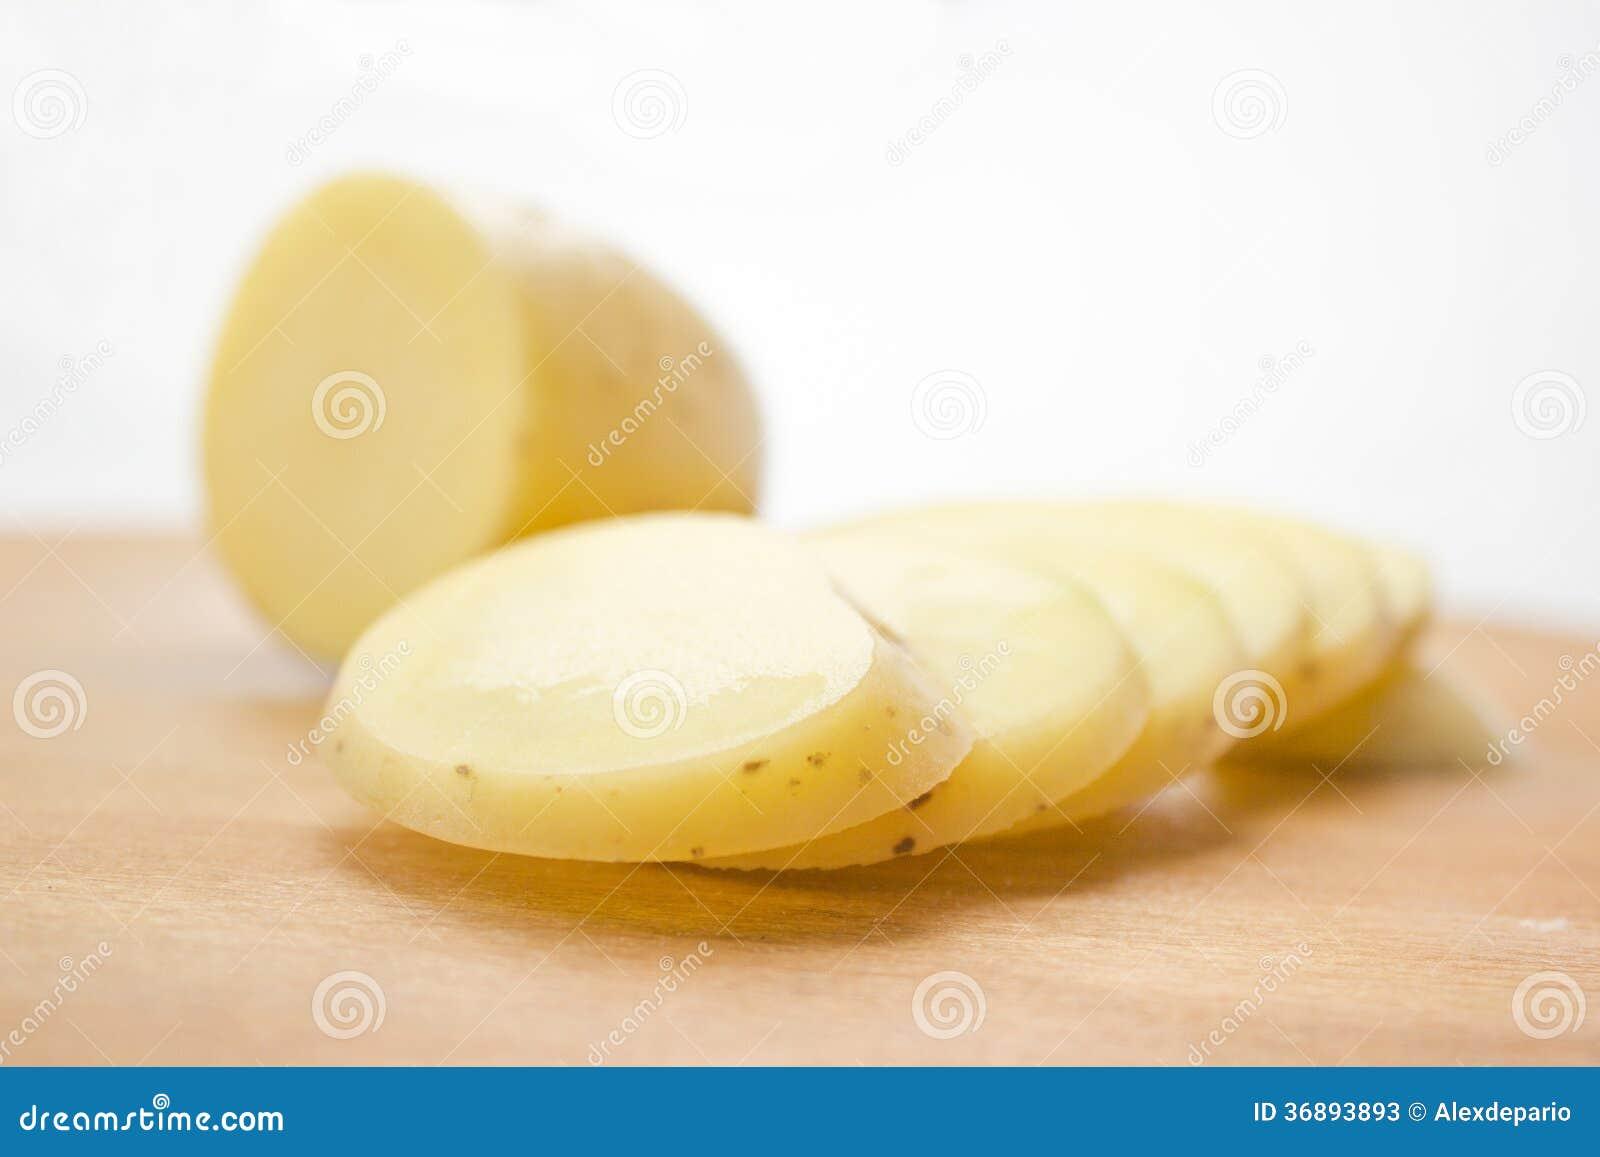 Download Patata affettata immagine stock. Immagine di veloce, pasto - 36893893